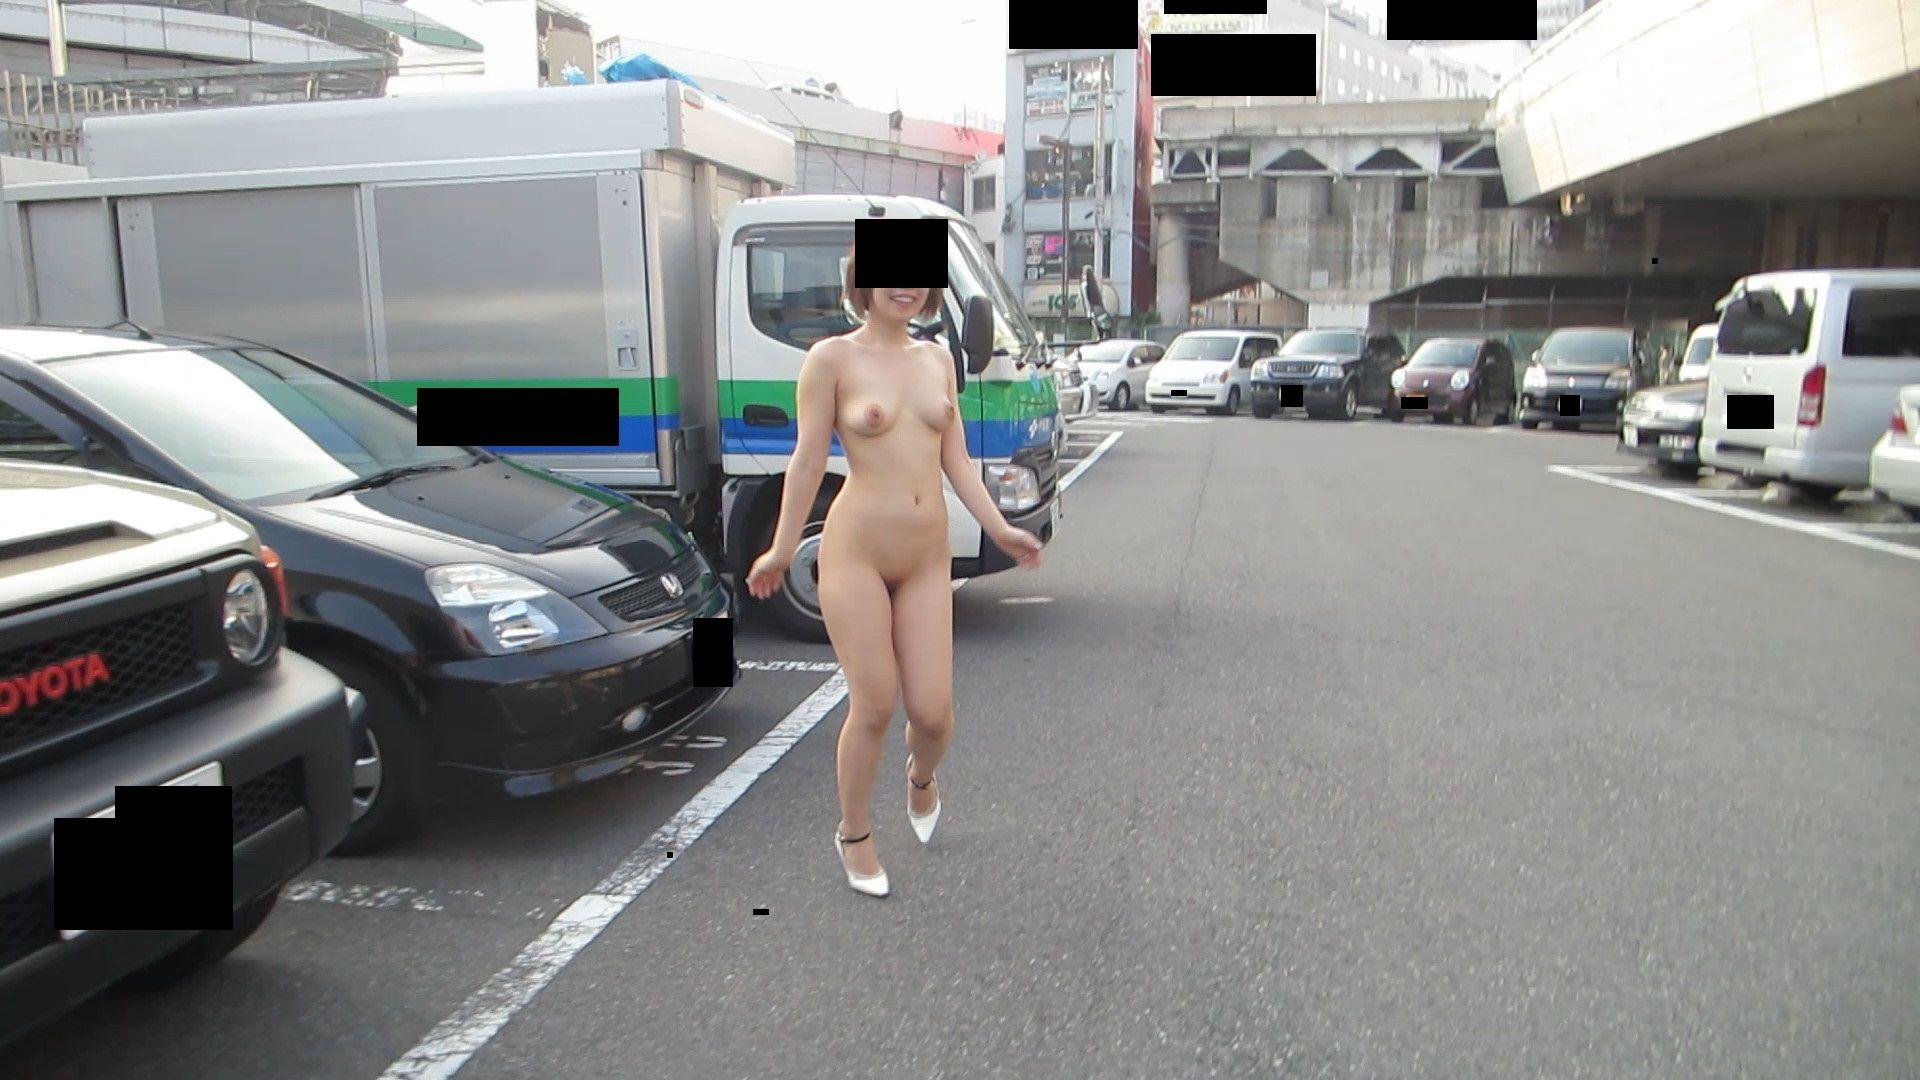 露出狂の女が全裸で頑張りすぎてるエロ画像22枚 表紙